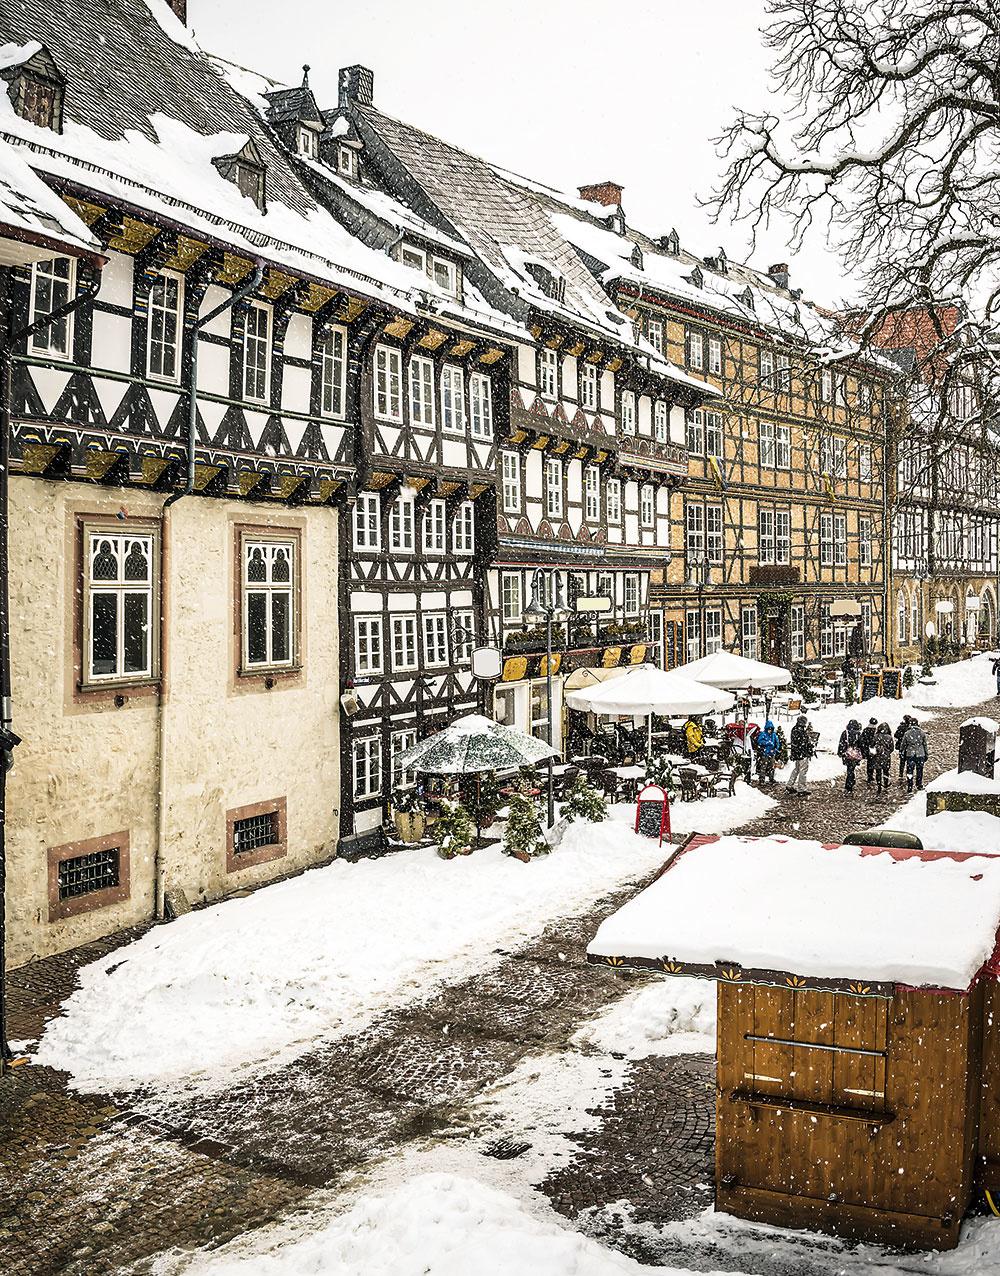 Pôvabné stavby spriznanou drevenou kostrou nie sú typické pre naše končiny. Ich podstatou je náročne spracovaná konštrukcia zkvalitných drevených trámov, ktorá je výrazným acharakteristickým prvkom architektúry hrazdených domov. (Hrazdený dom vQuedlinburgu vnemeckej spolkovej krajine Sasko-Anhaltsko. Veľká časť starého mesta je zapísaná vZozname svetového kultúrneho dedičstva UNESCO.)